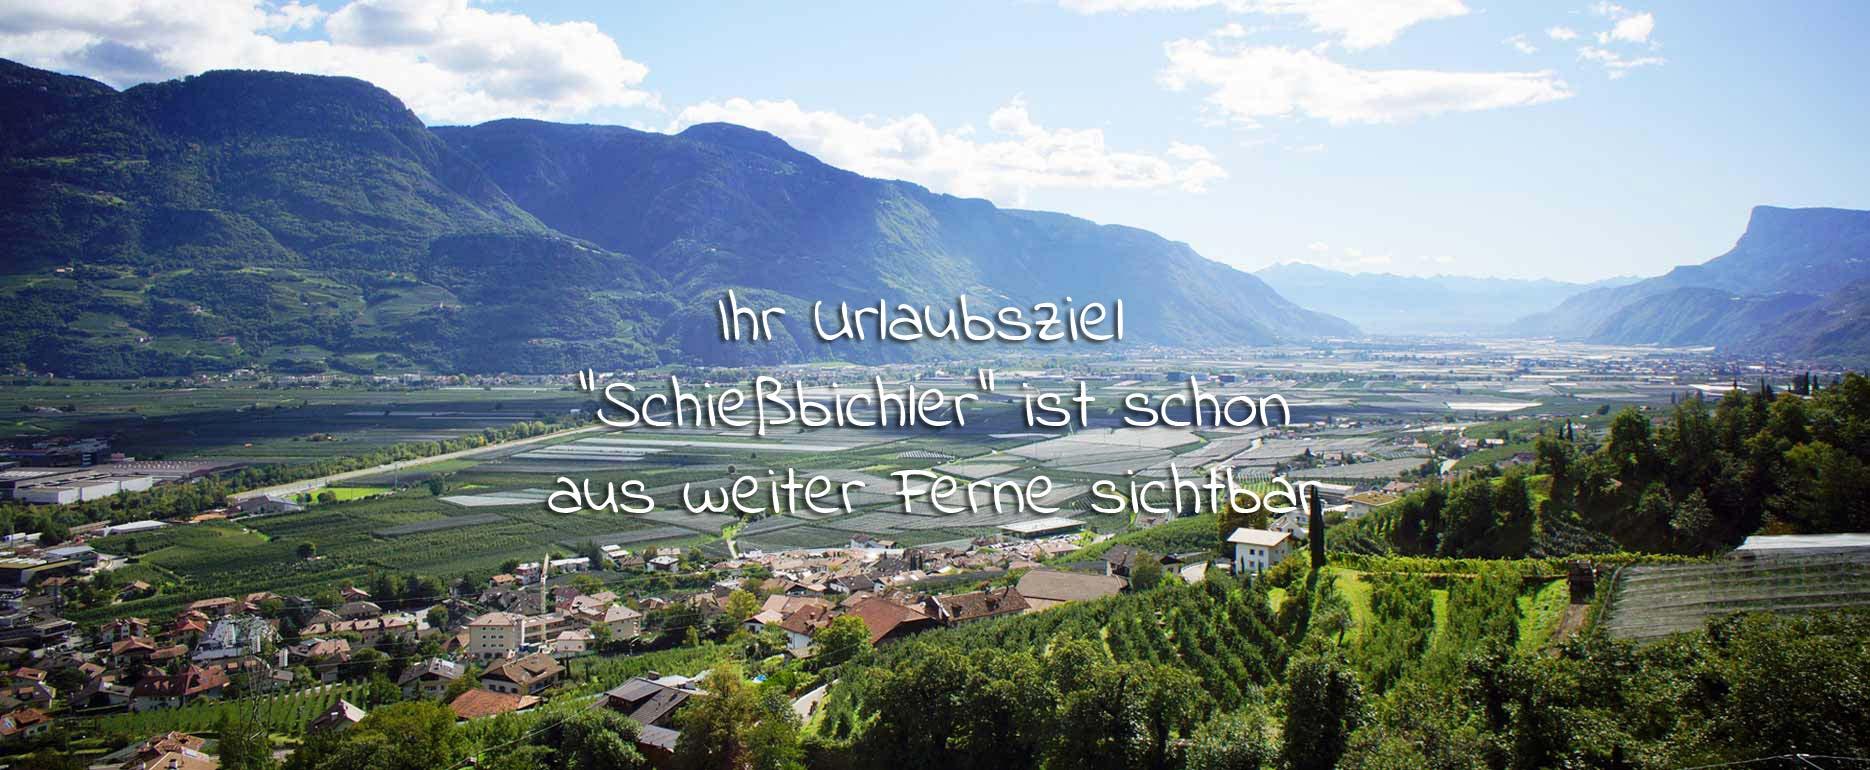 Schiessbichler-Marling-Anreise-01